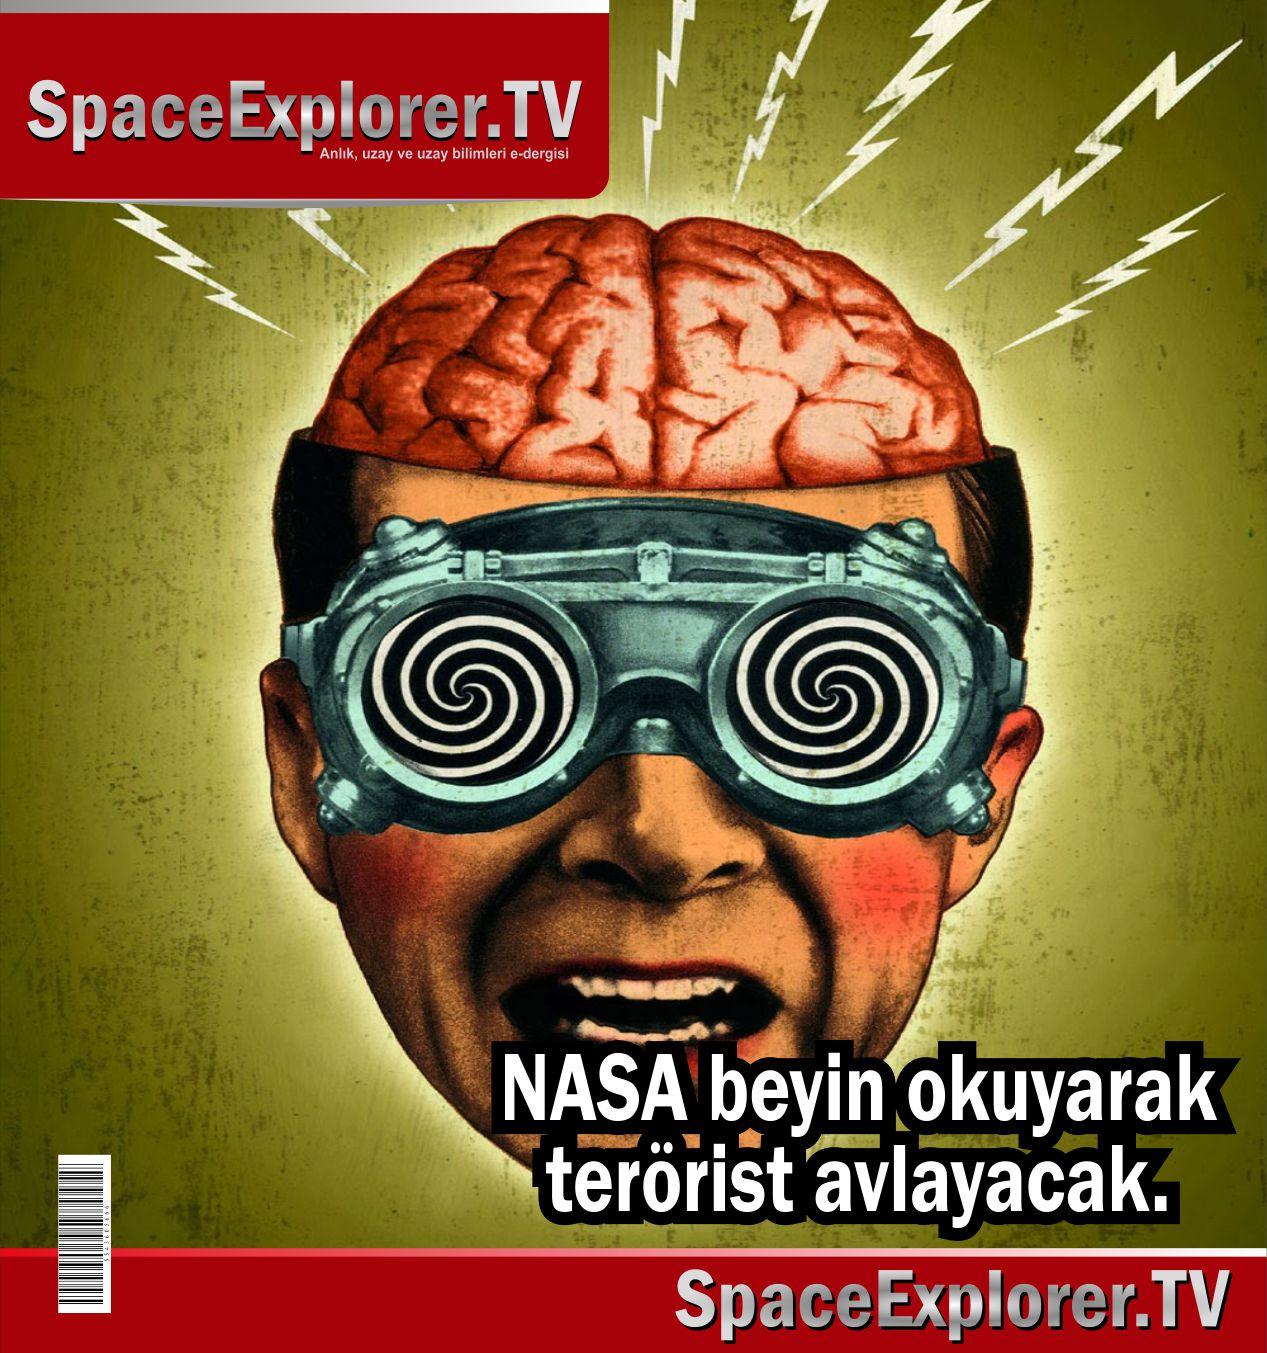 NASA beyin okuyarak terörist avlayacak